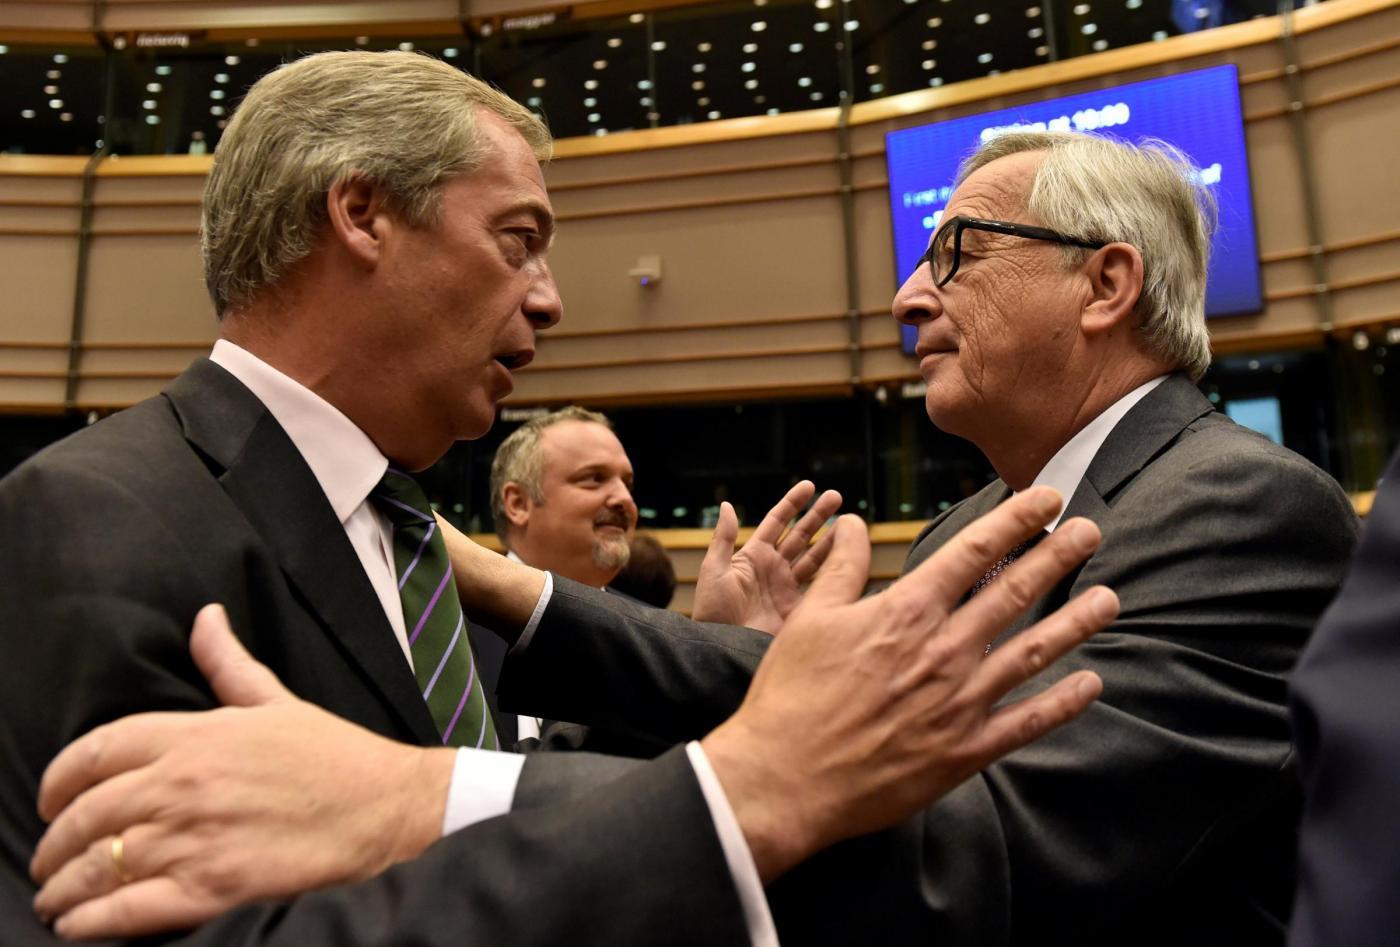 Bruxelles, Juncker si intrattiene con Farage al parlamento europeo